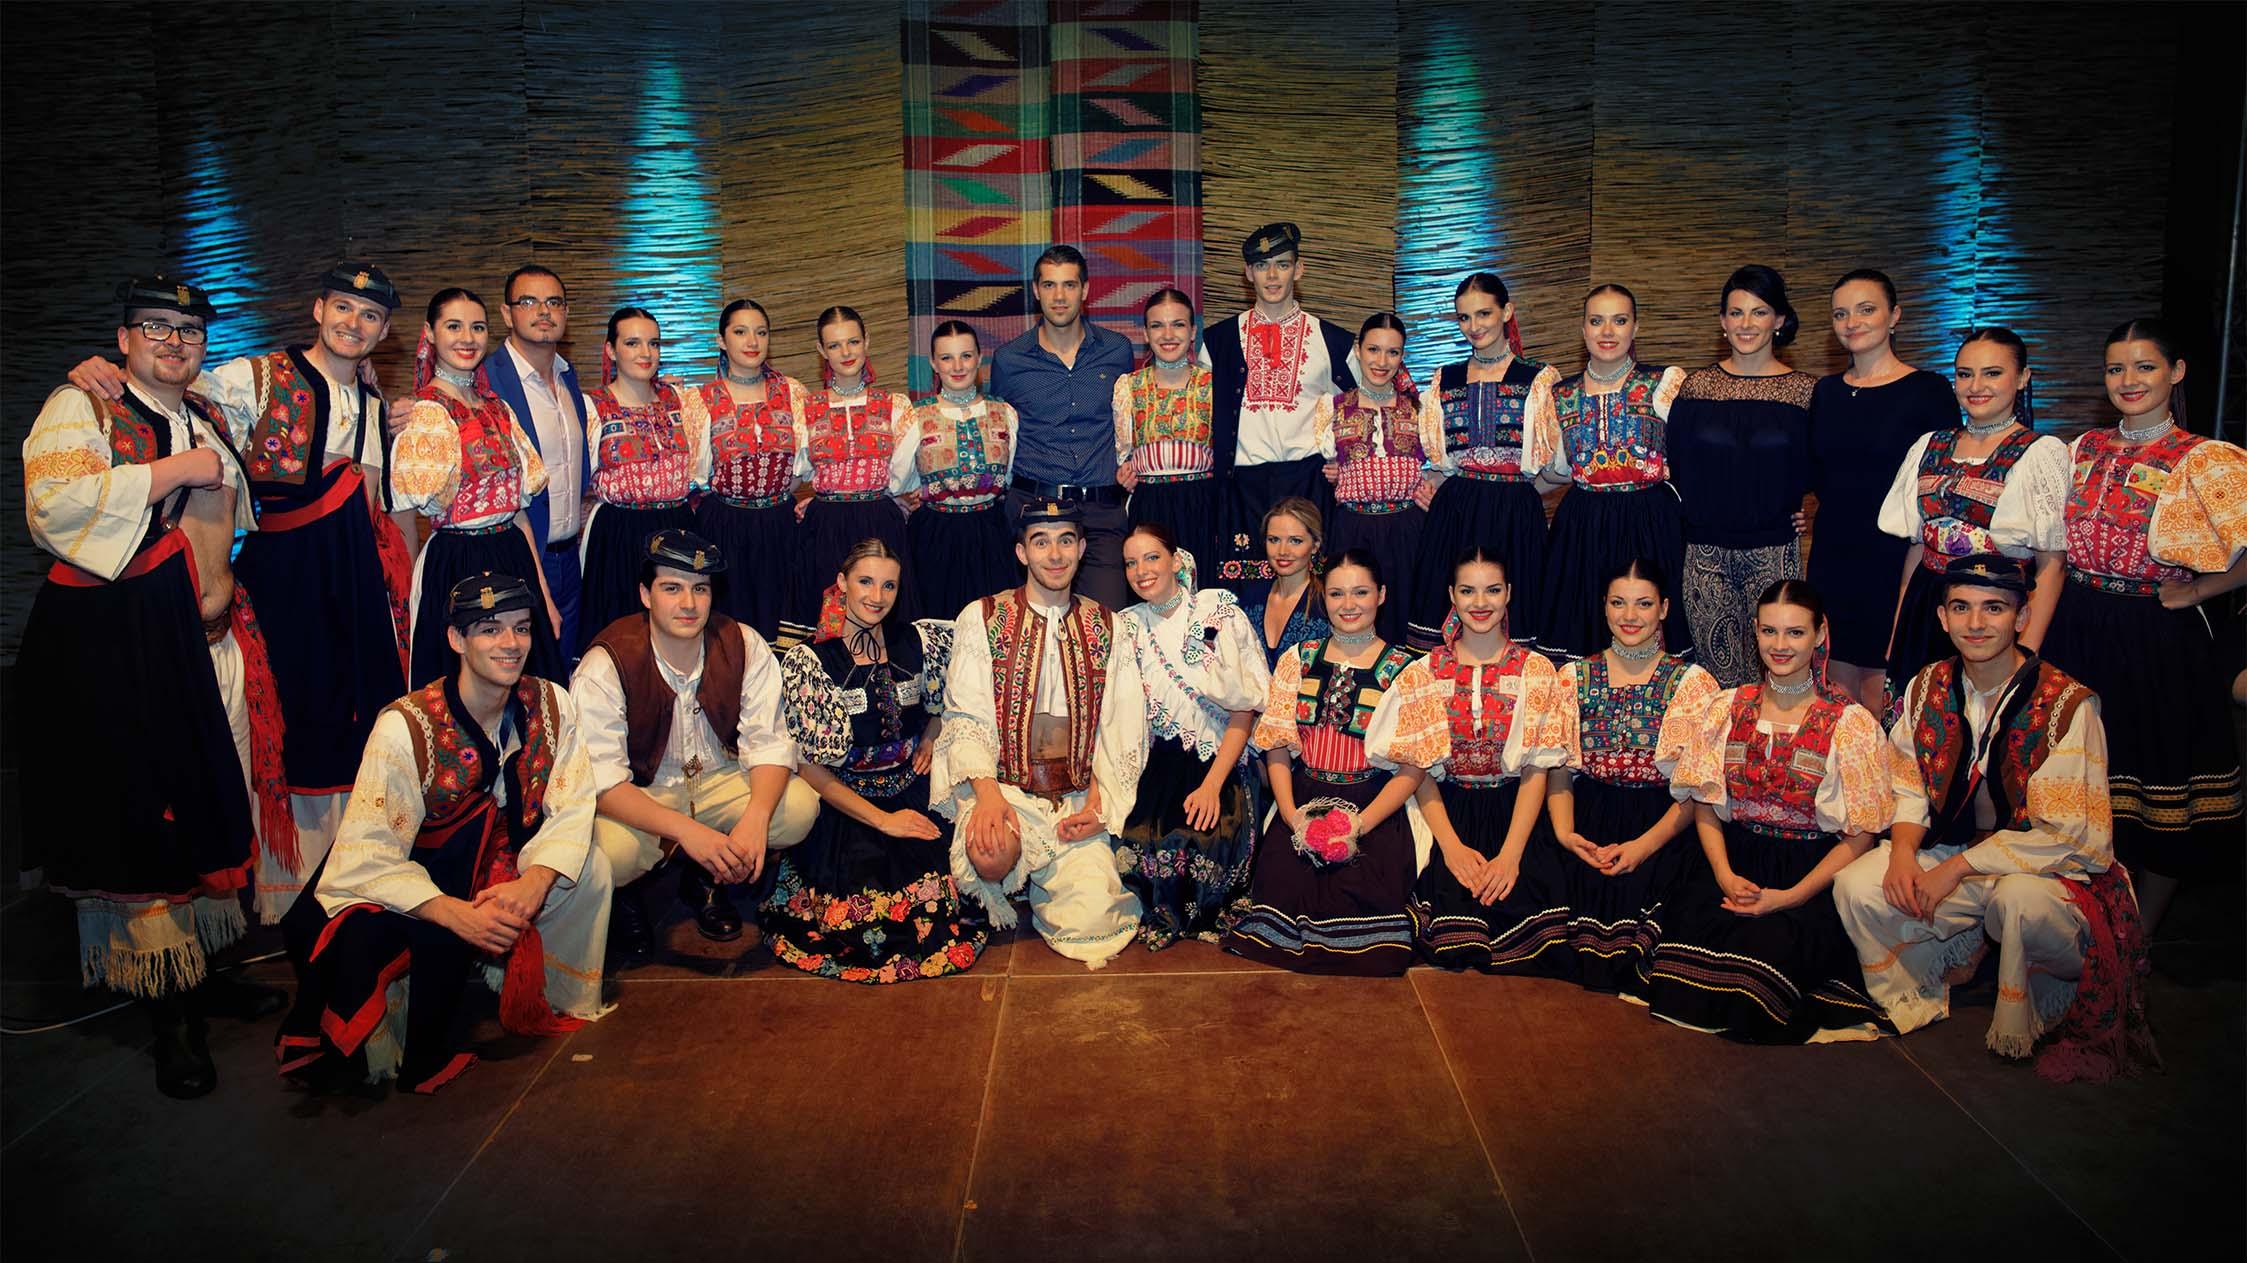 9f14070a8 Členovia – Folklórny súbor Bystrina